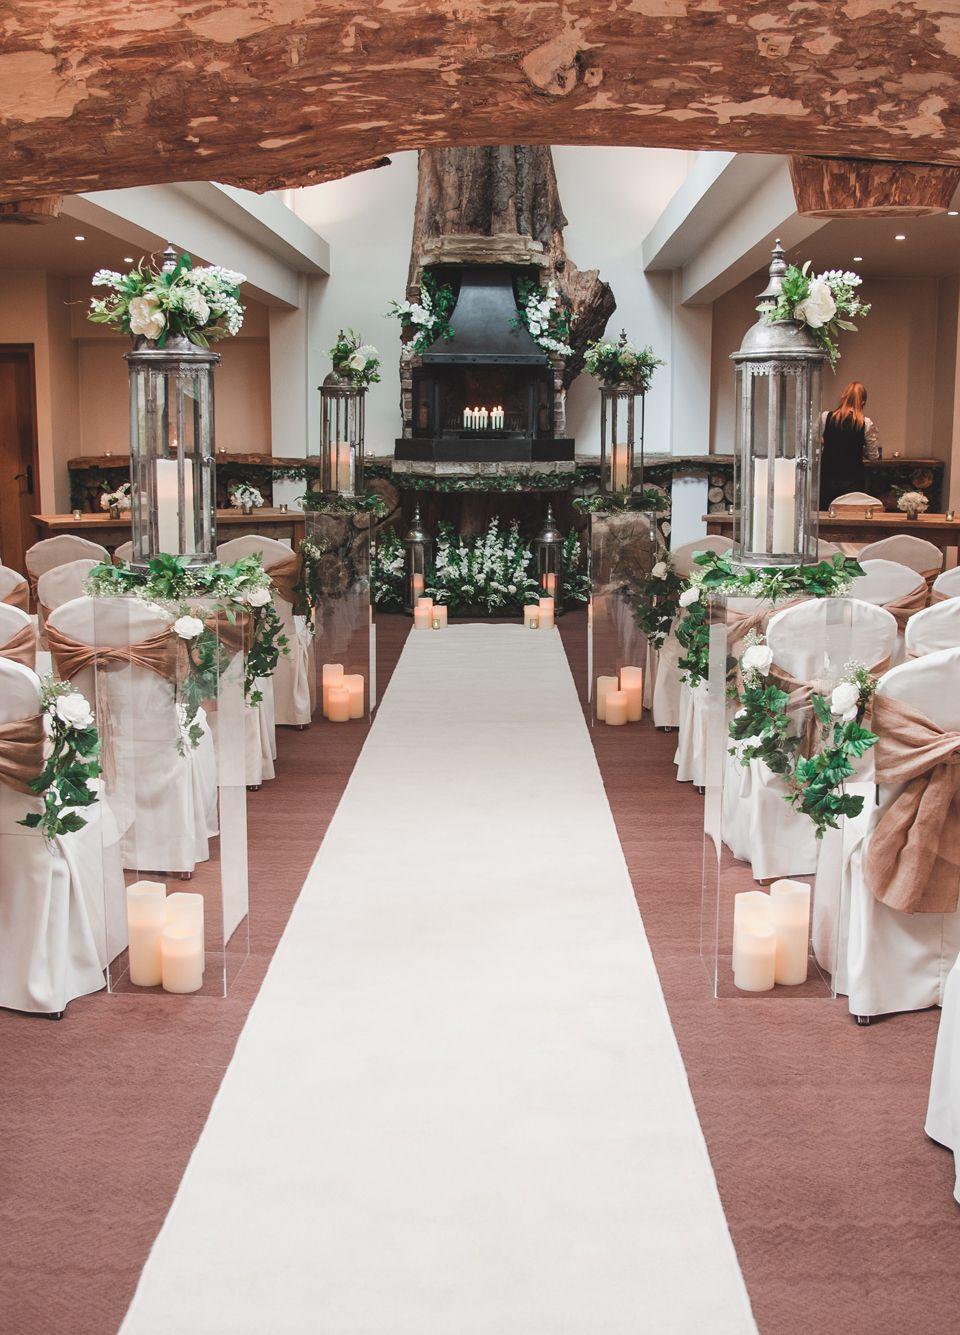 Rustic Wedding Venue in 2020 Rustic wedding venues